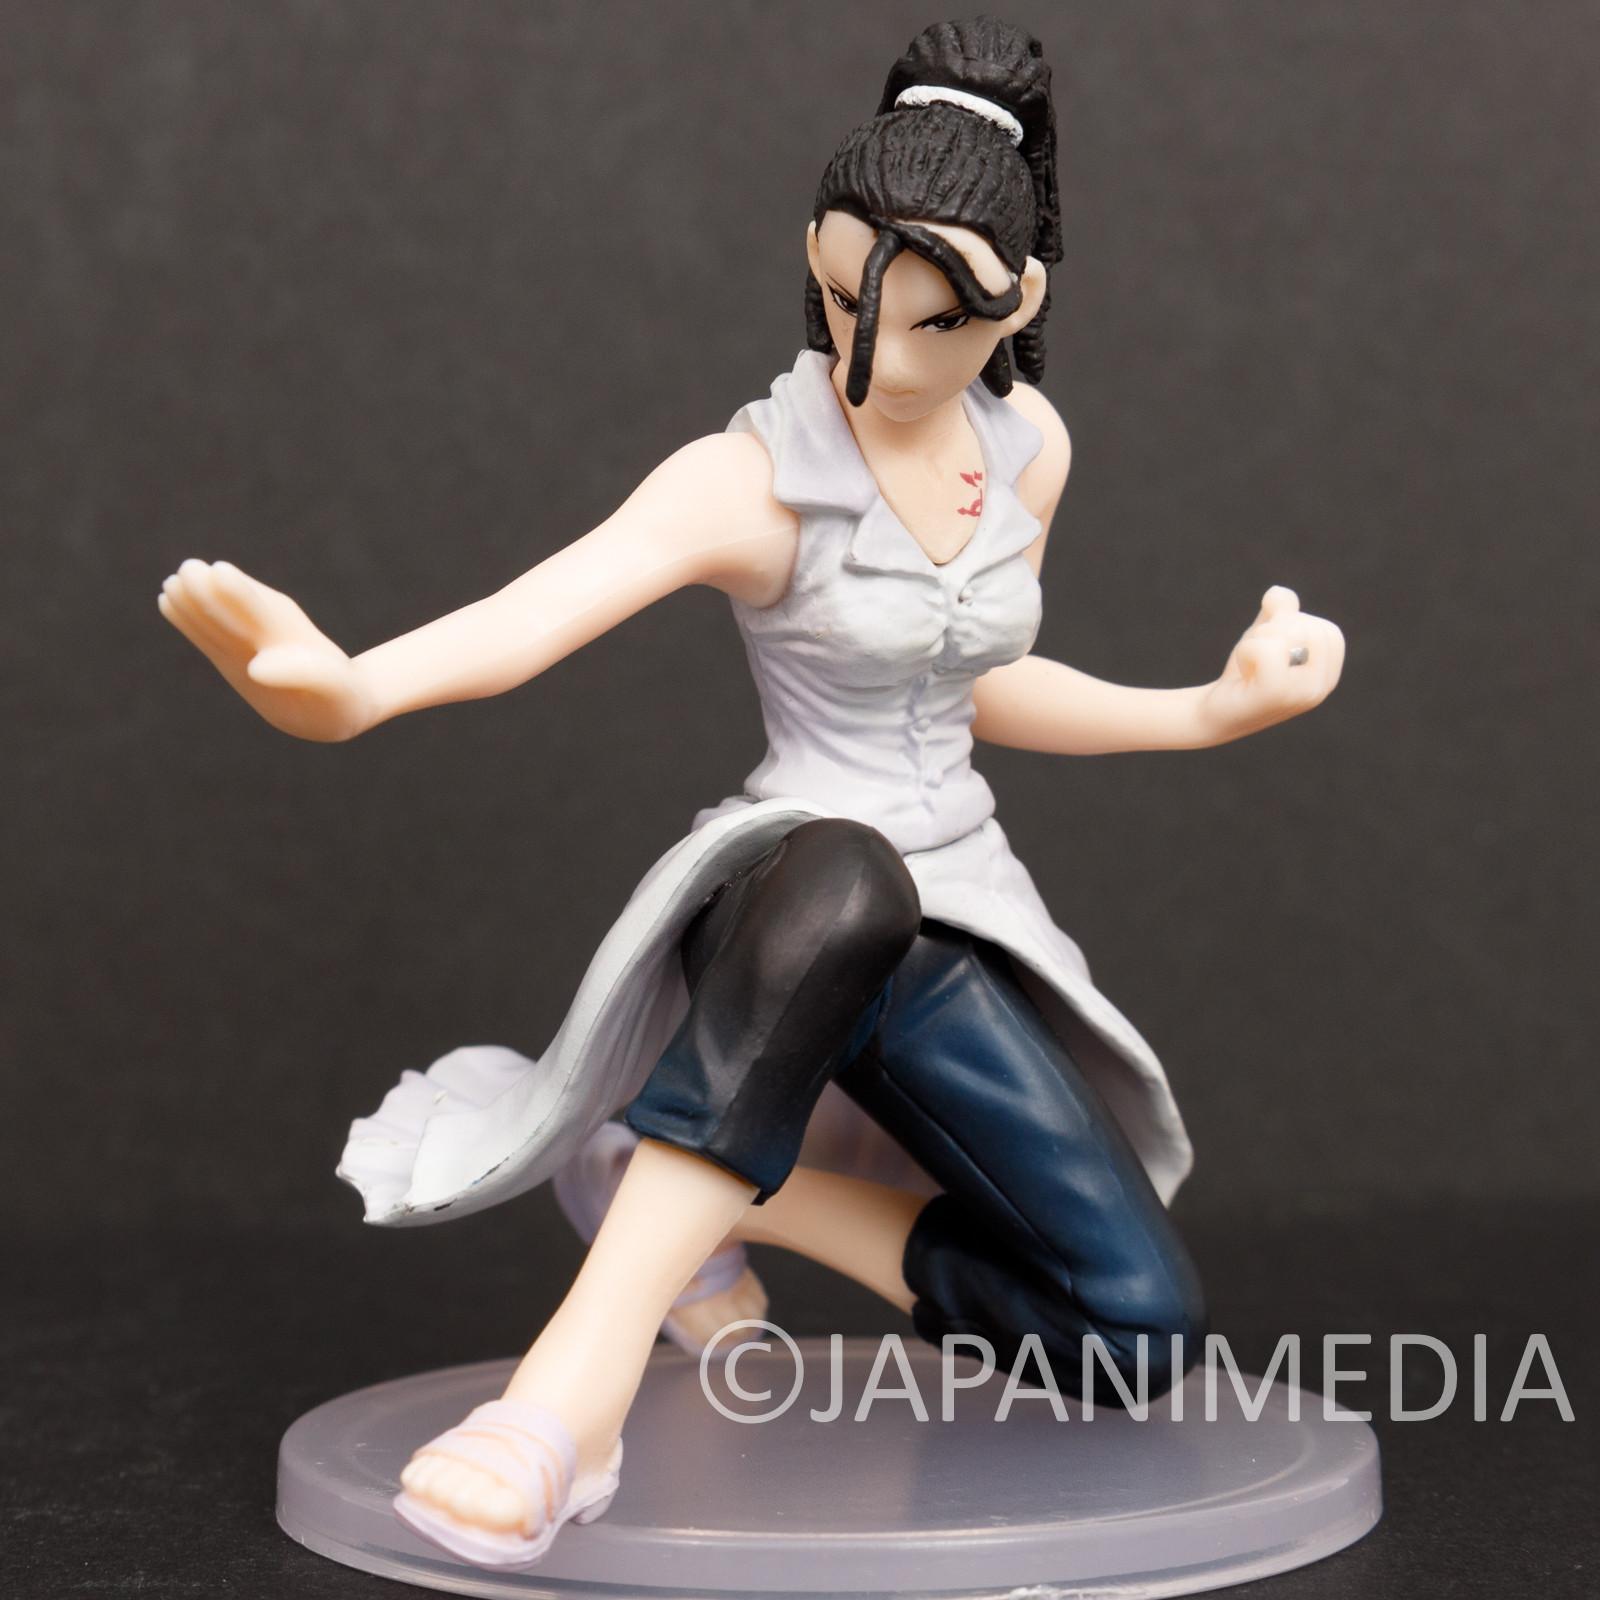 FullMetal Alchemist Izumi Curtis Mini Figure JAPAN ANIME